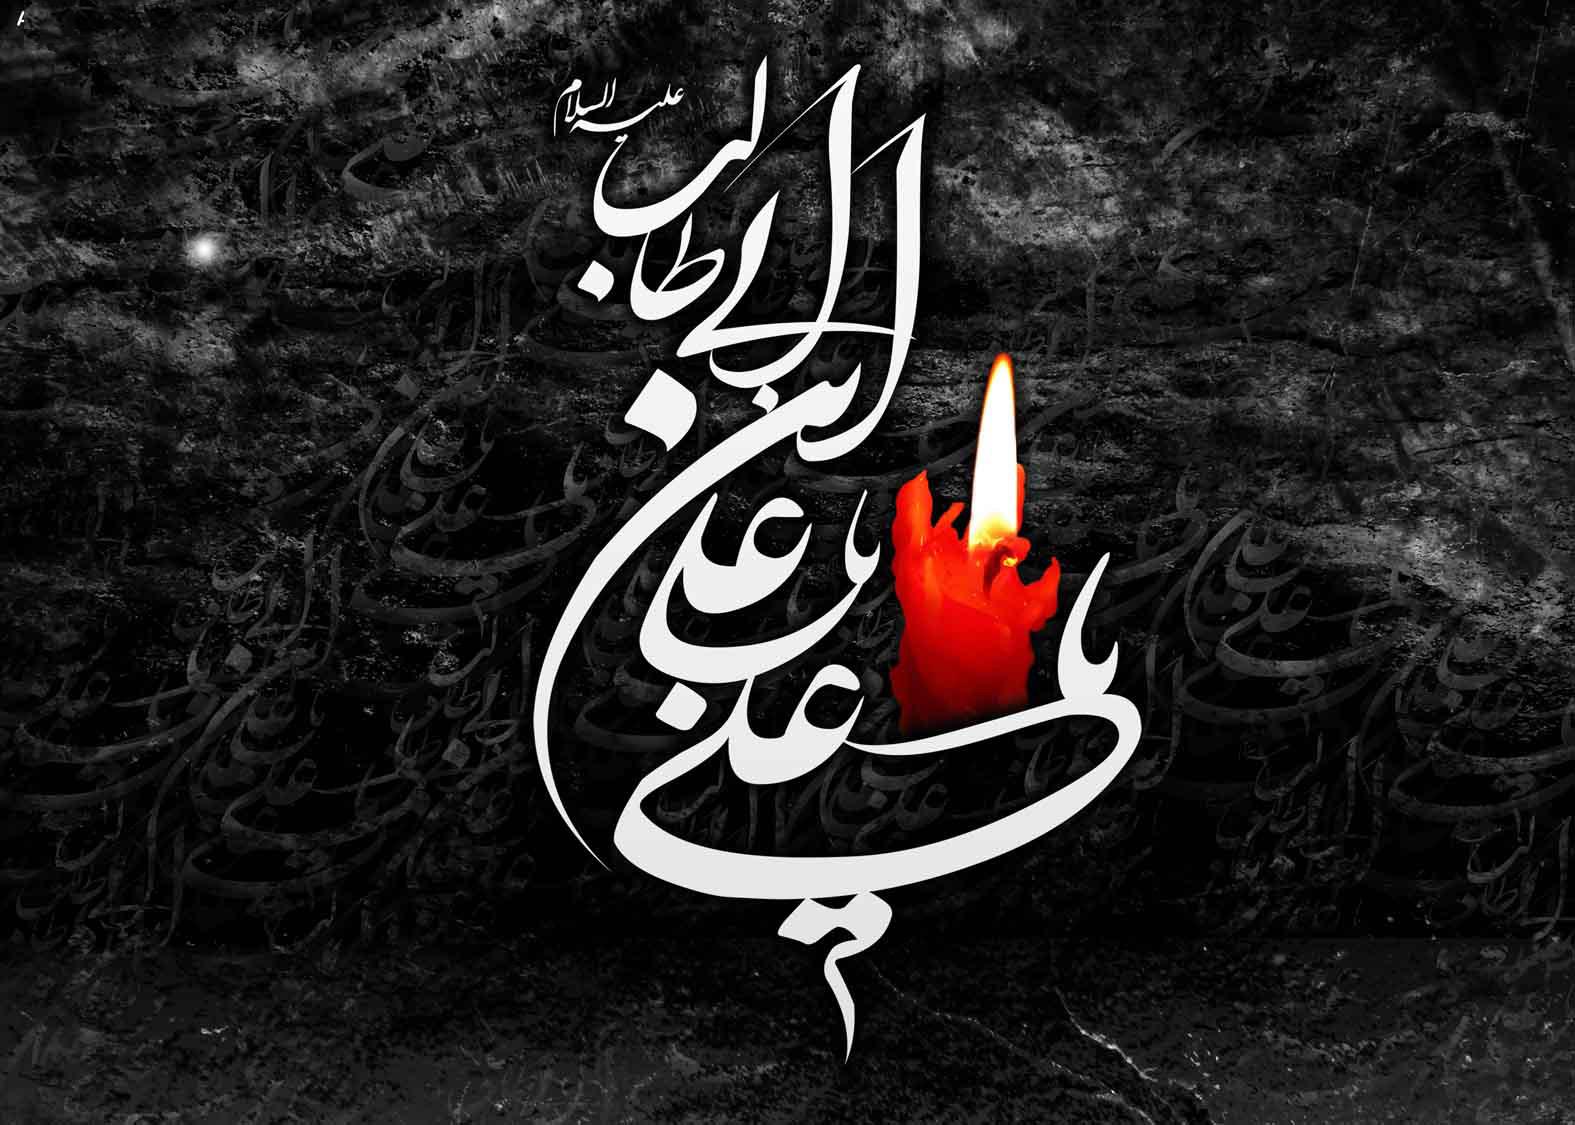 امام علی(علیہ السلام) کی پانچ نصیحتیں